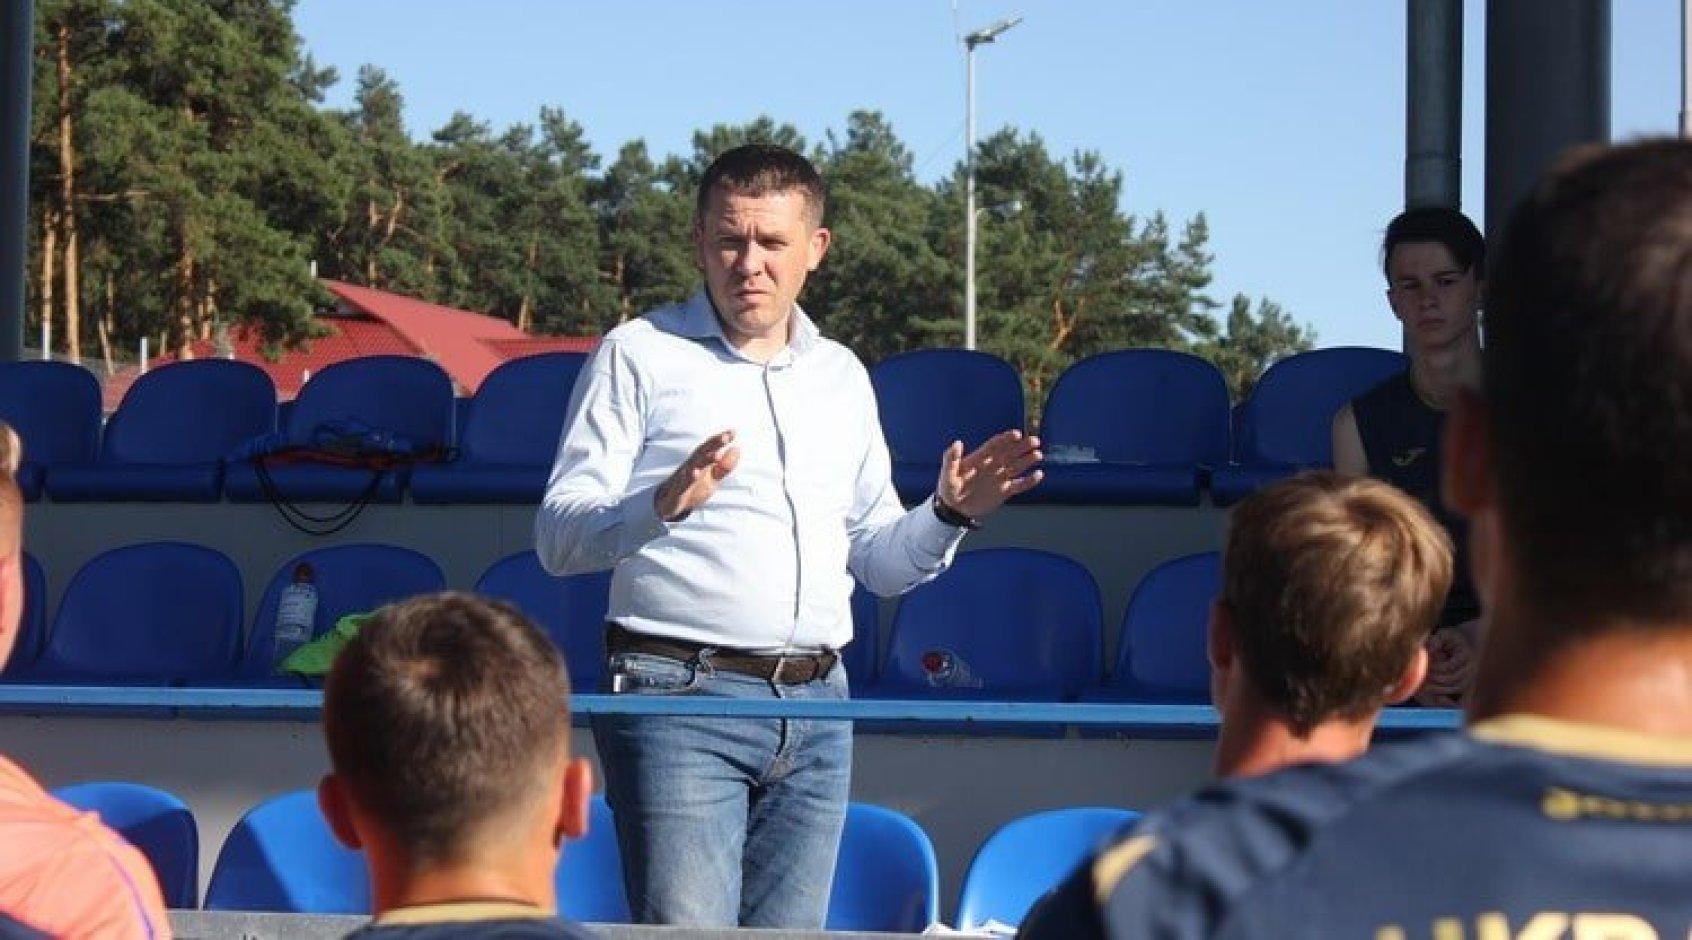 Студентська збірна України вилетіла до Італії на Всесвітню універсіаду. Бузнік взяв 20 гравців